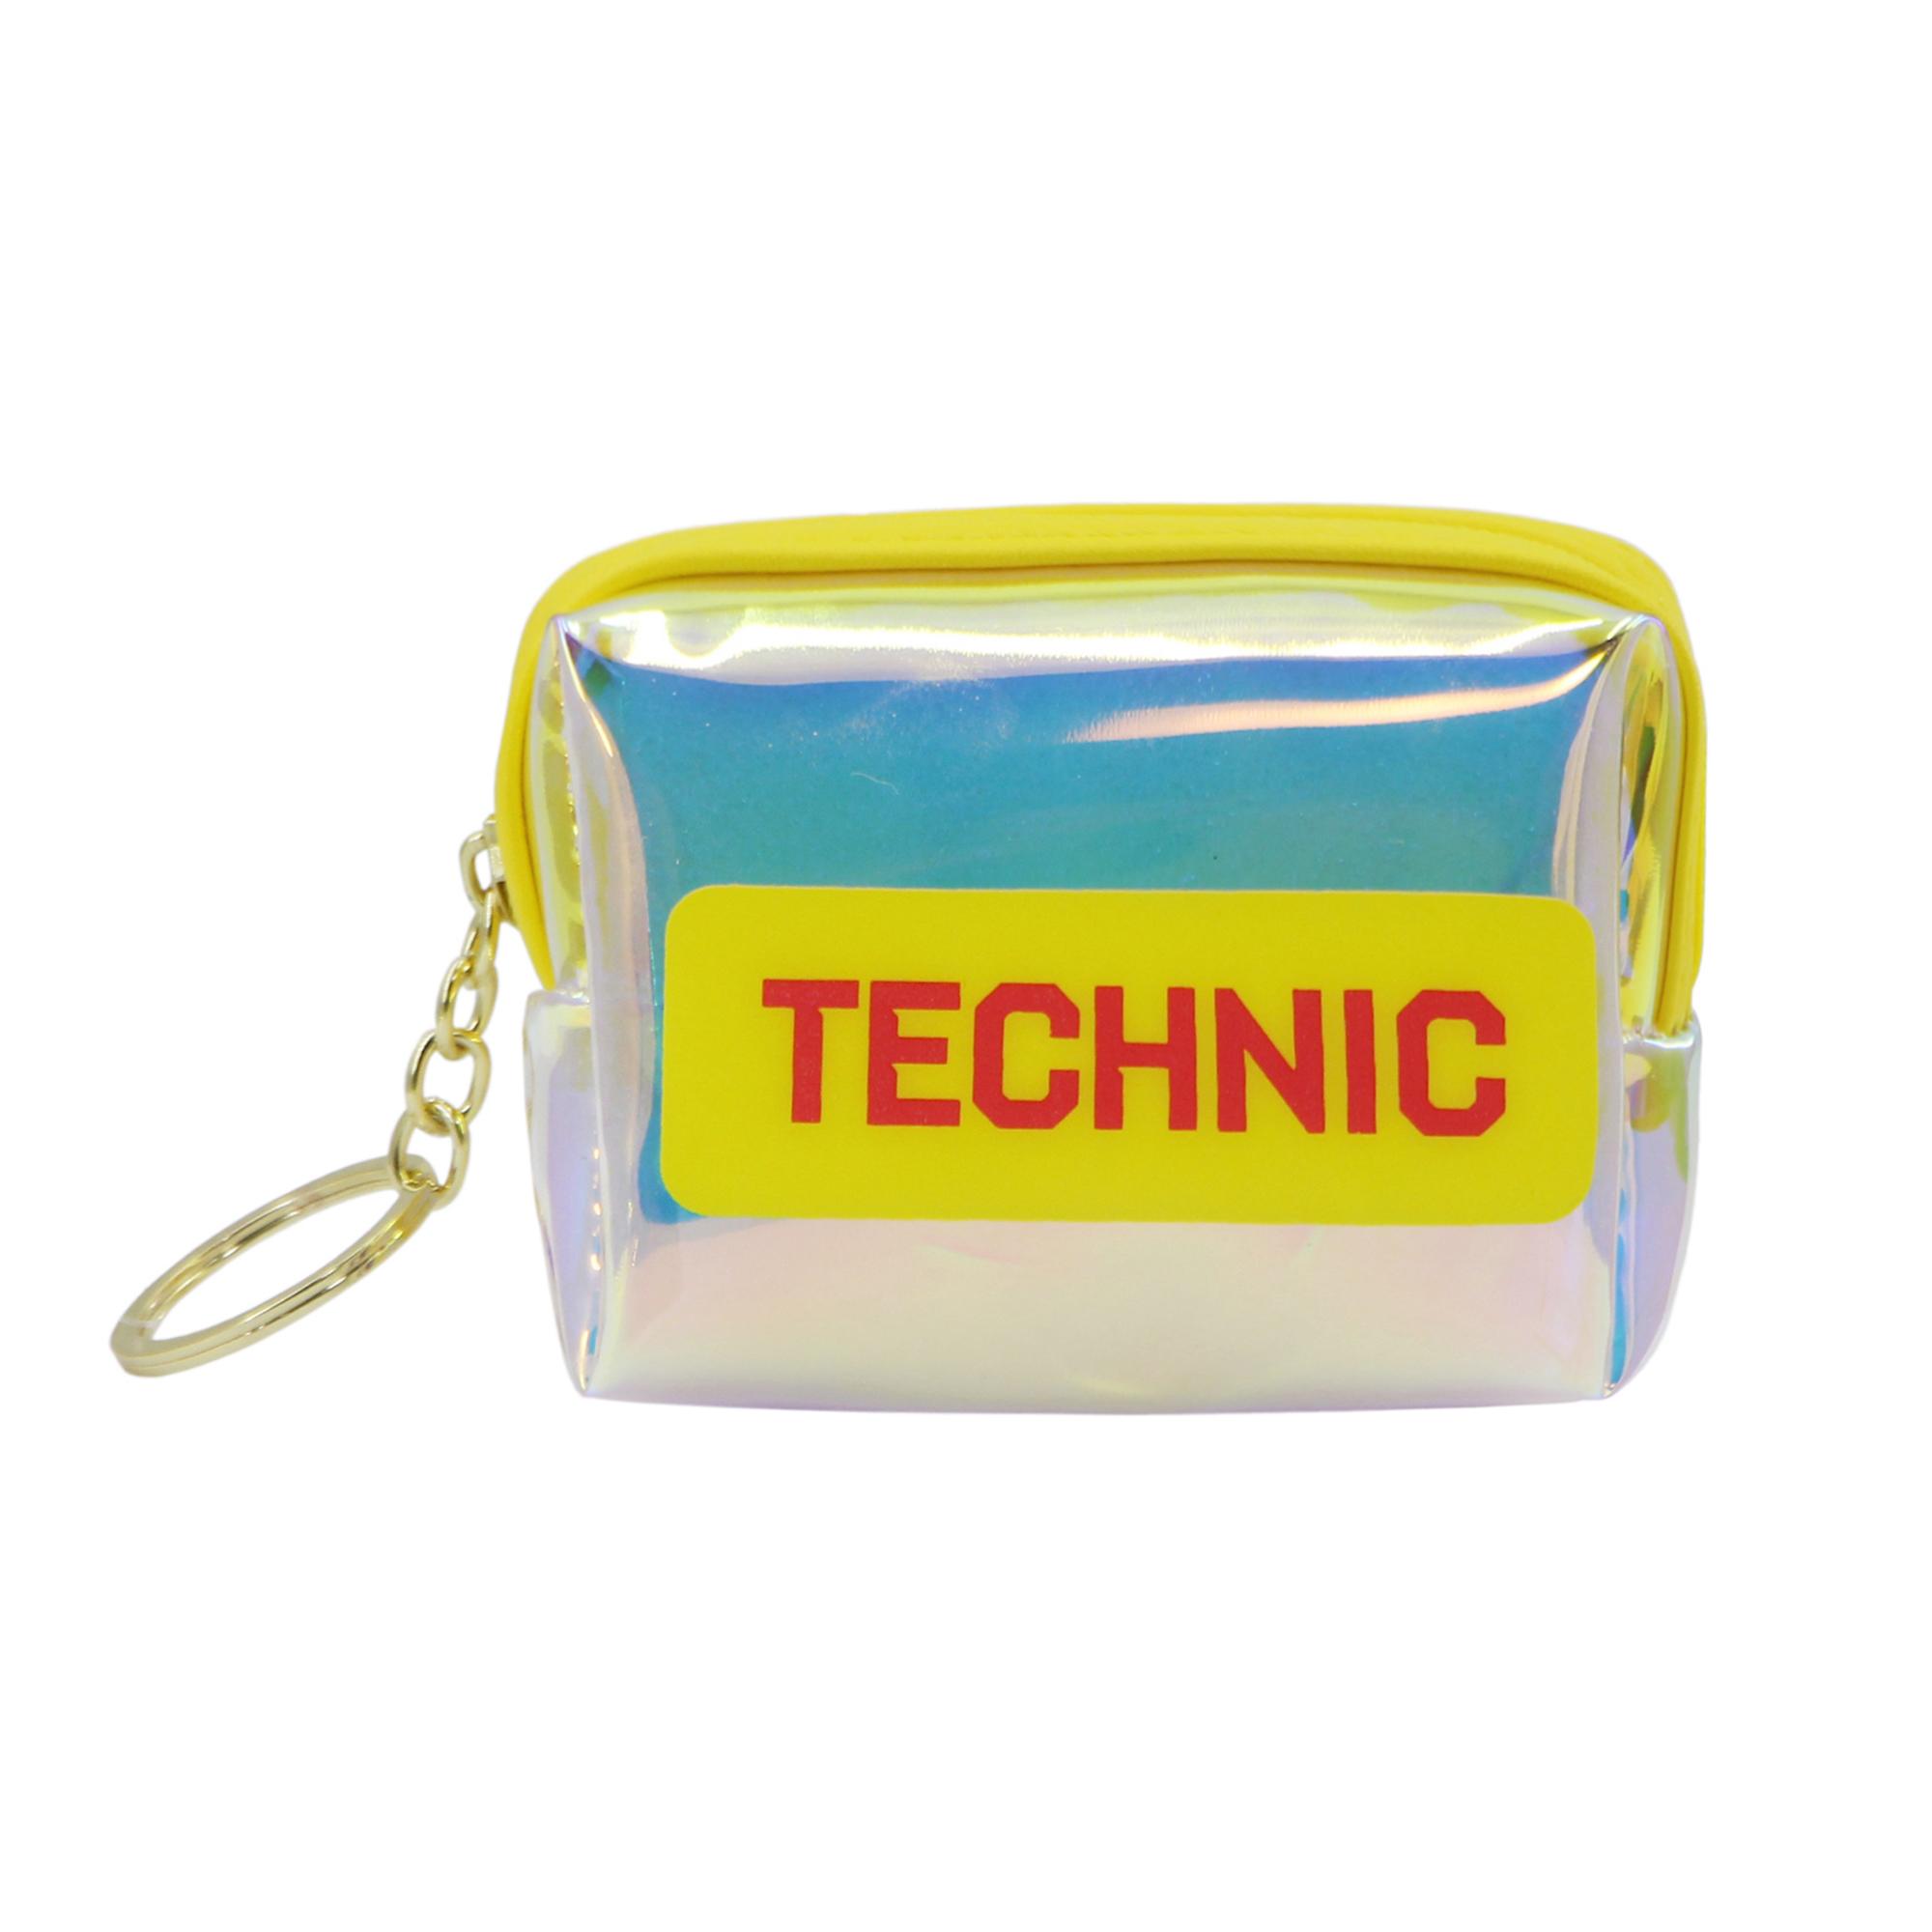 قیمت کیف لوازم آرایش لنیشی مدل Technic